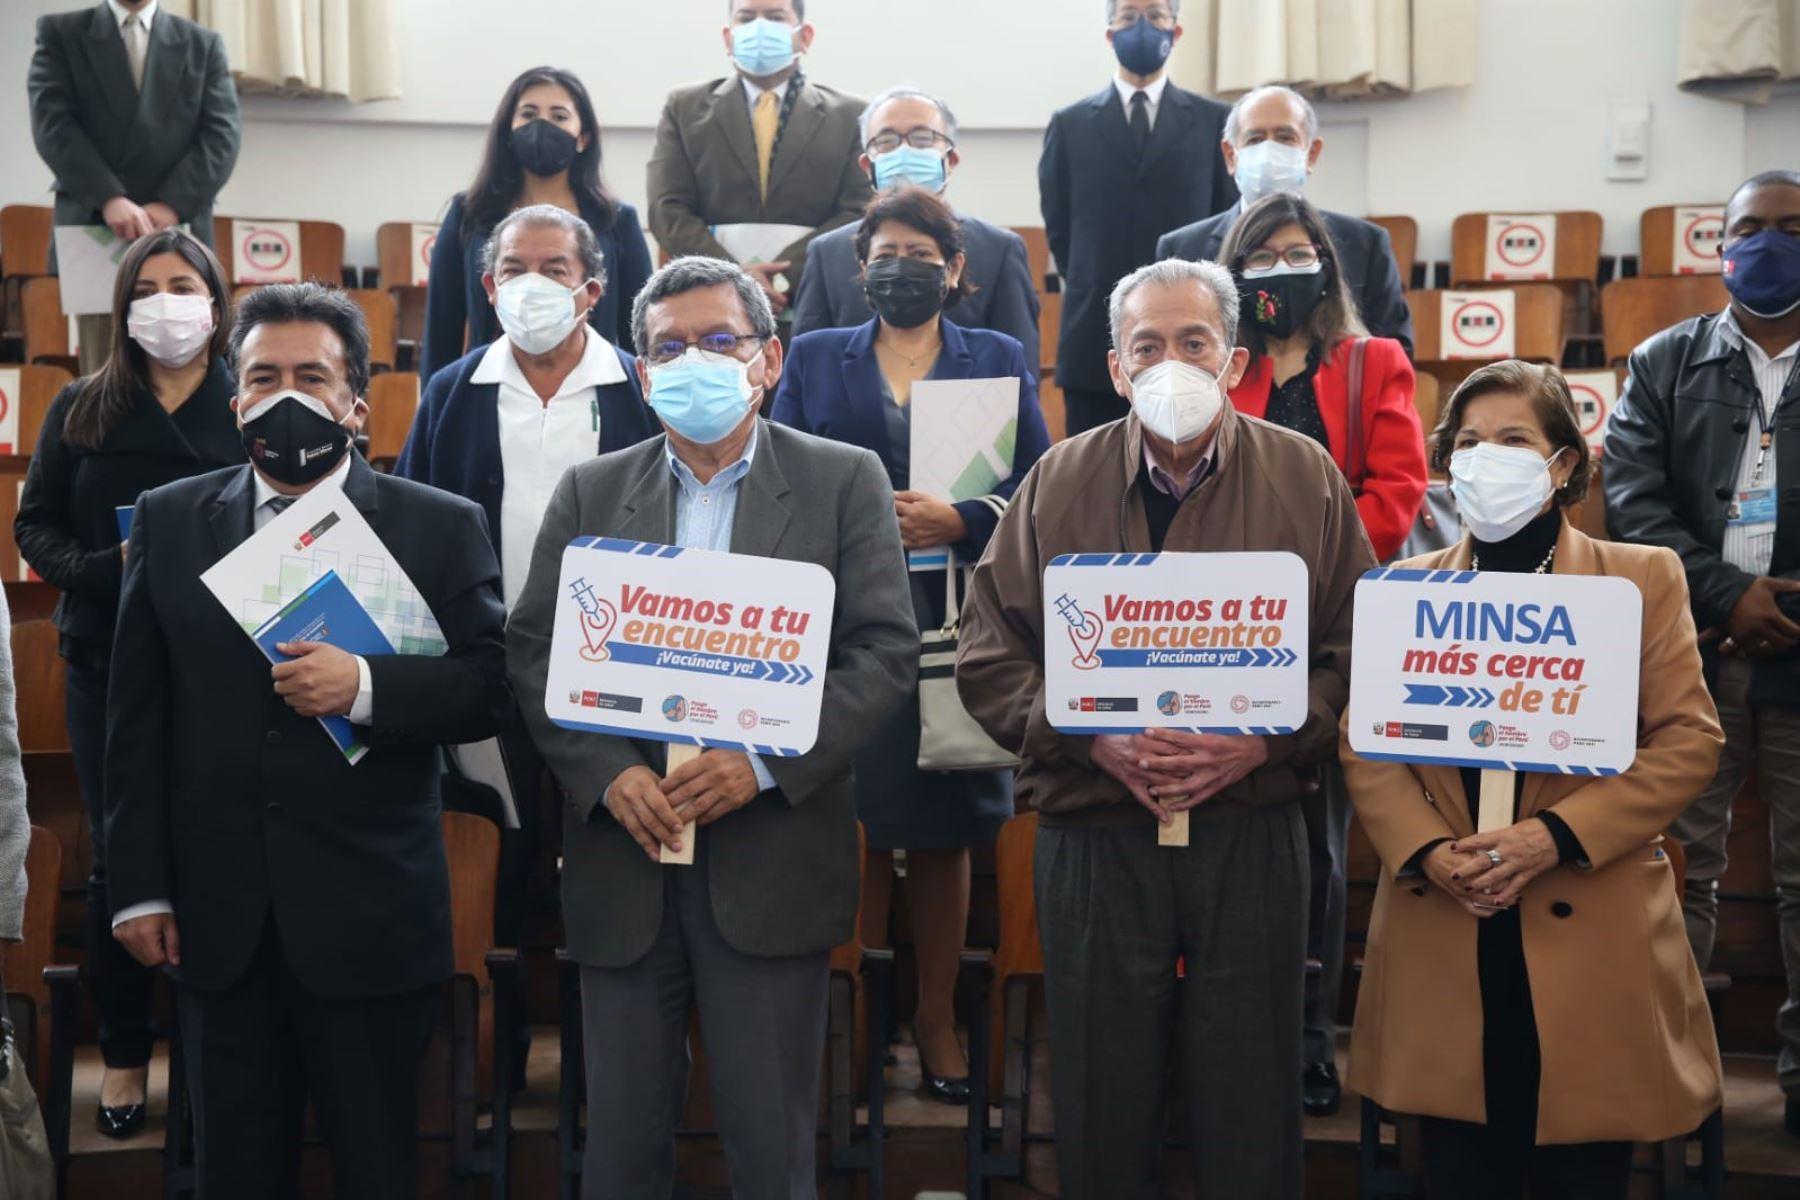 Covid-19: Minedu pide apoyo a rectores para retorno seguro a las universidades